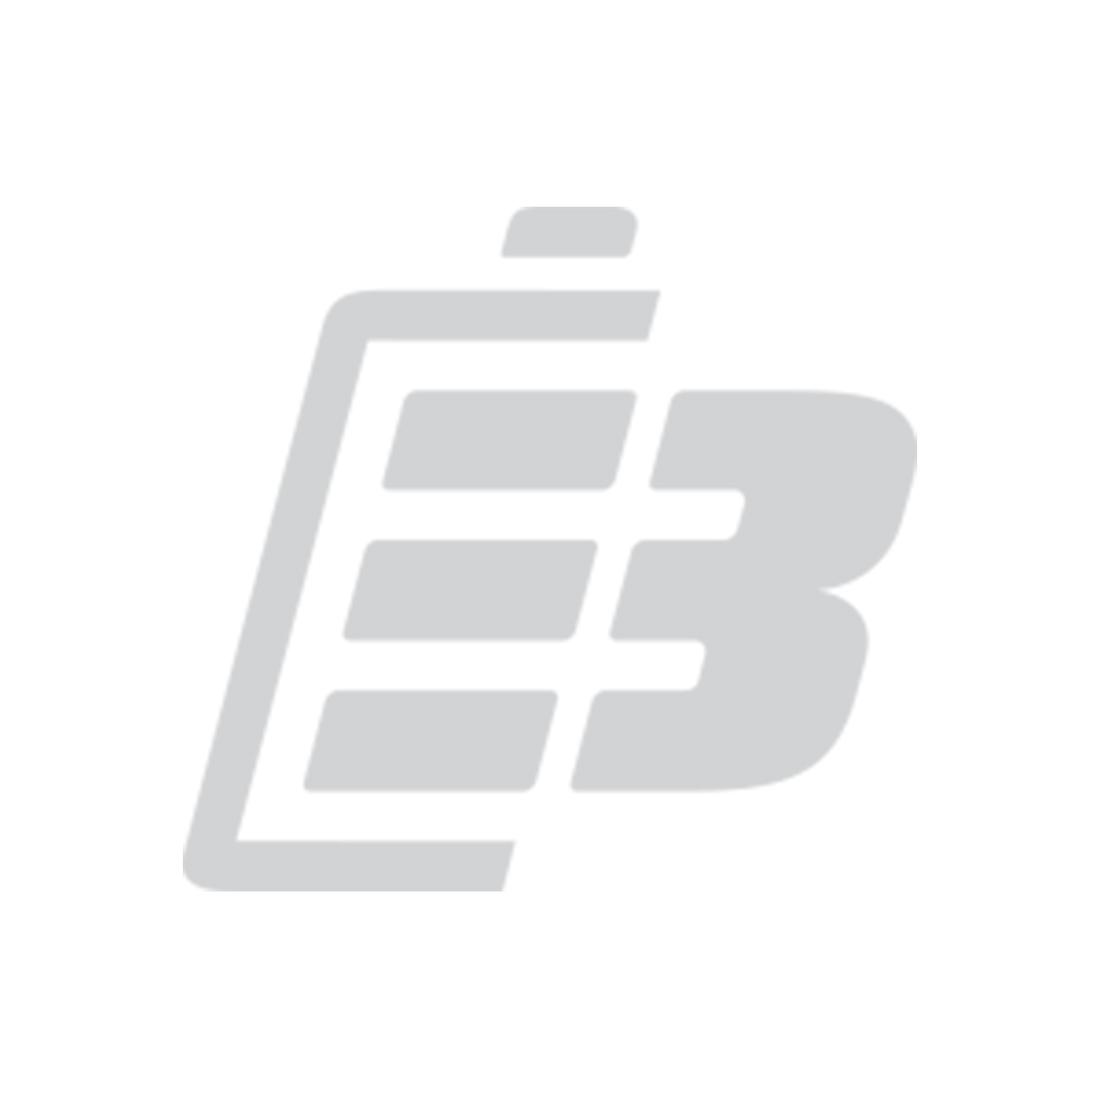 Μπαταρία ηλεκτρικού εργαλείου Metabo 12V 3.0Ah_1